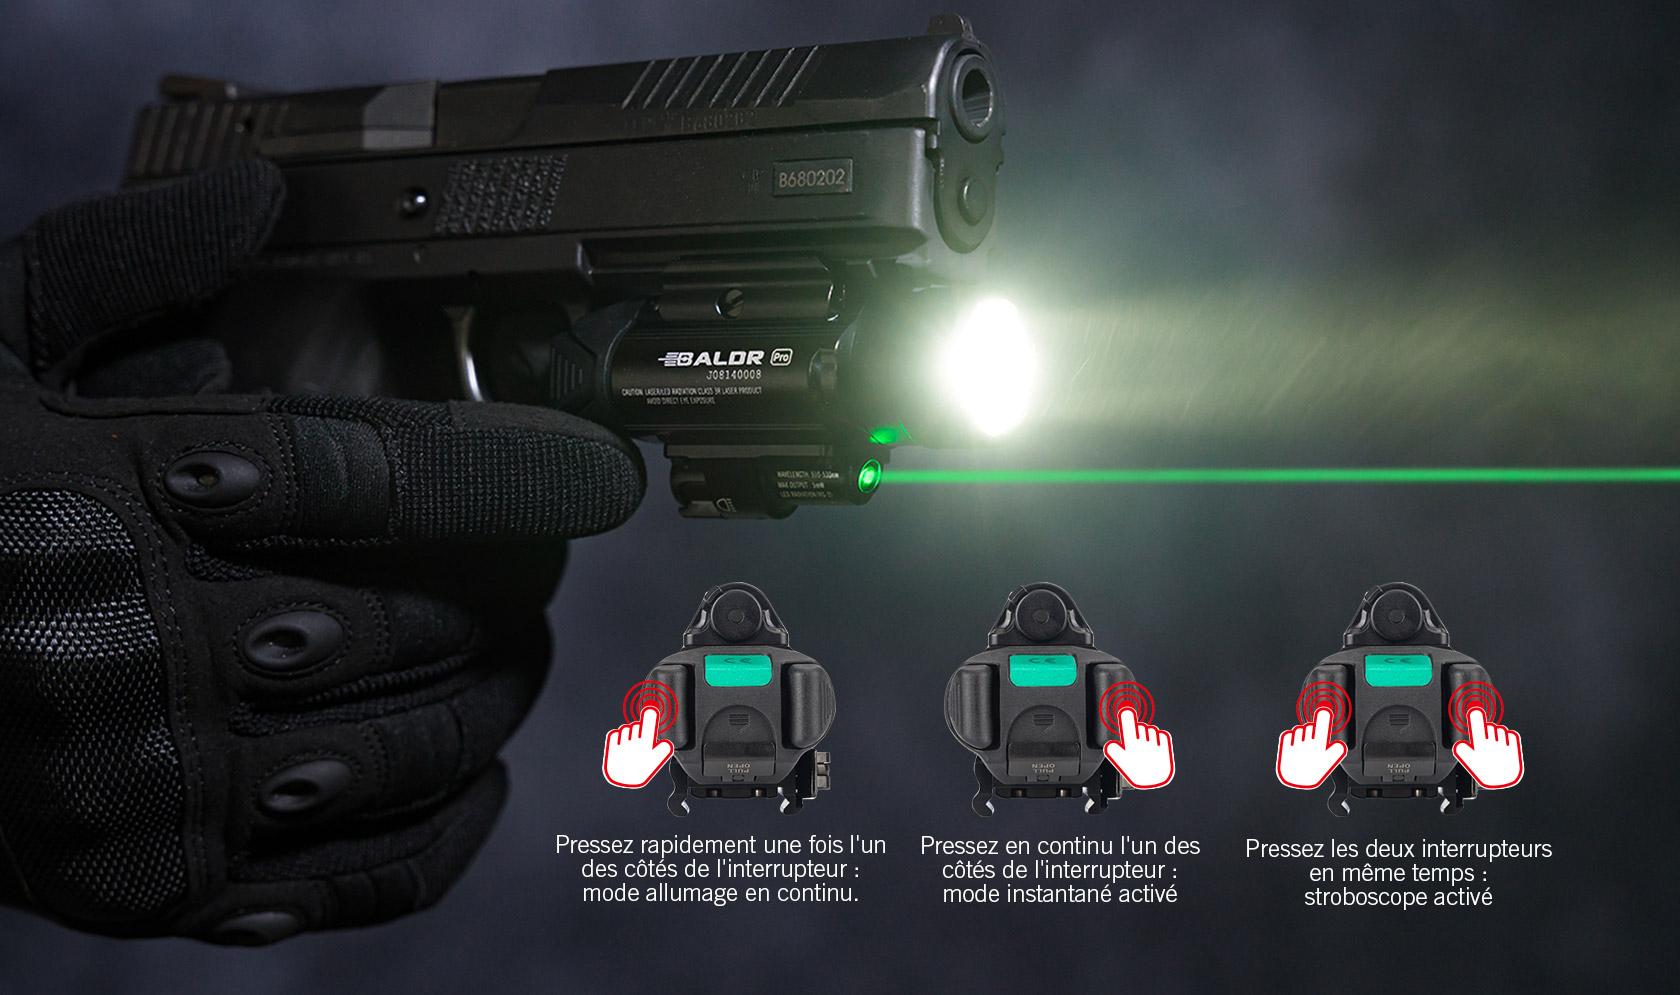 lampe ultra puissante militaire rapide et simple à utiliser